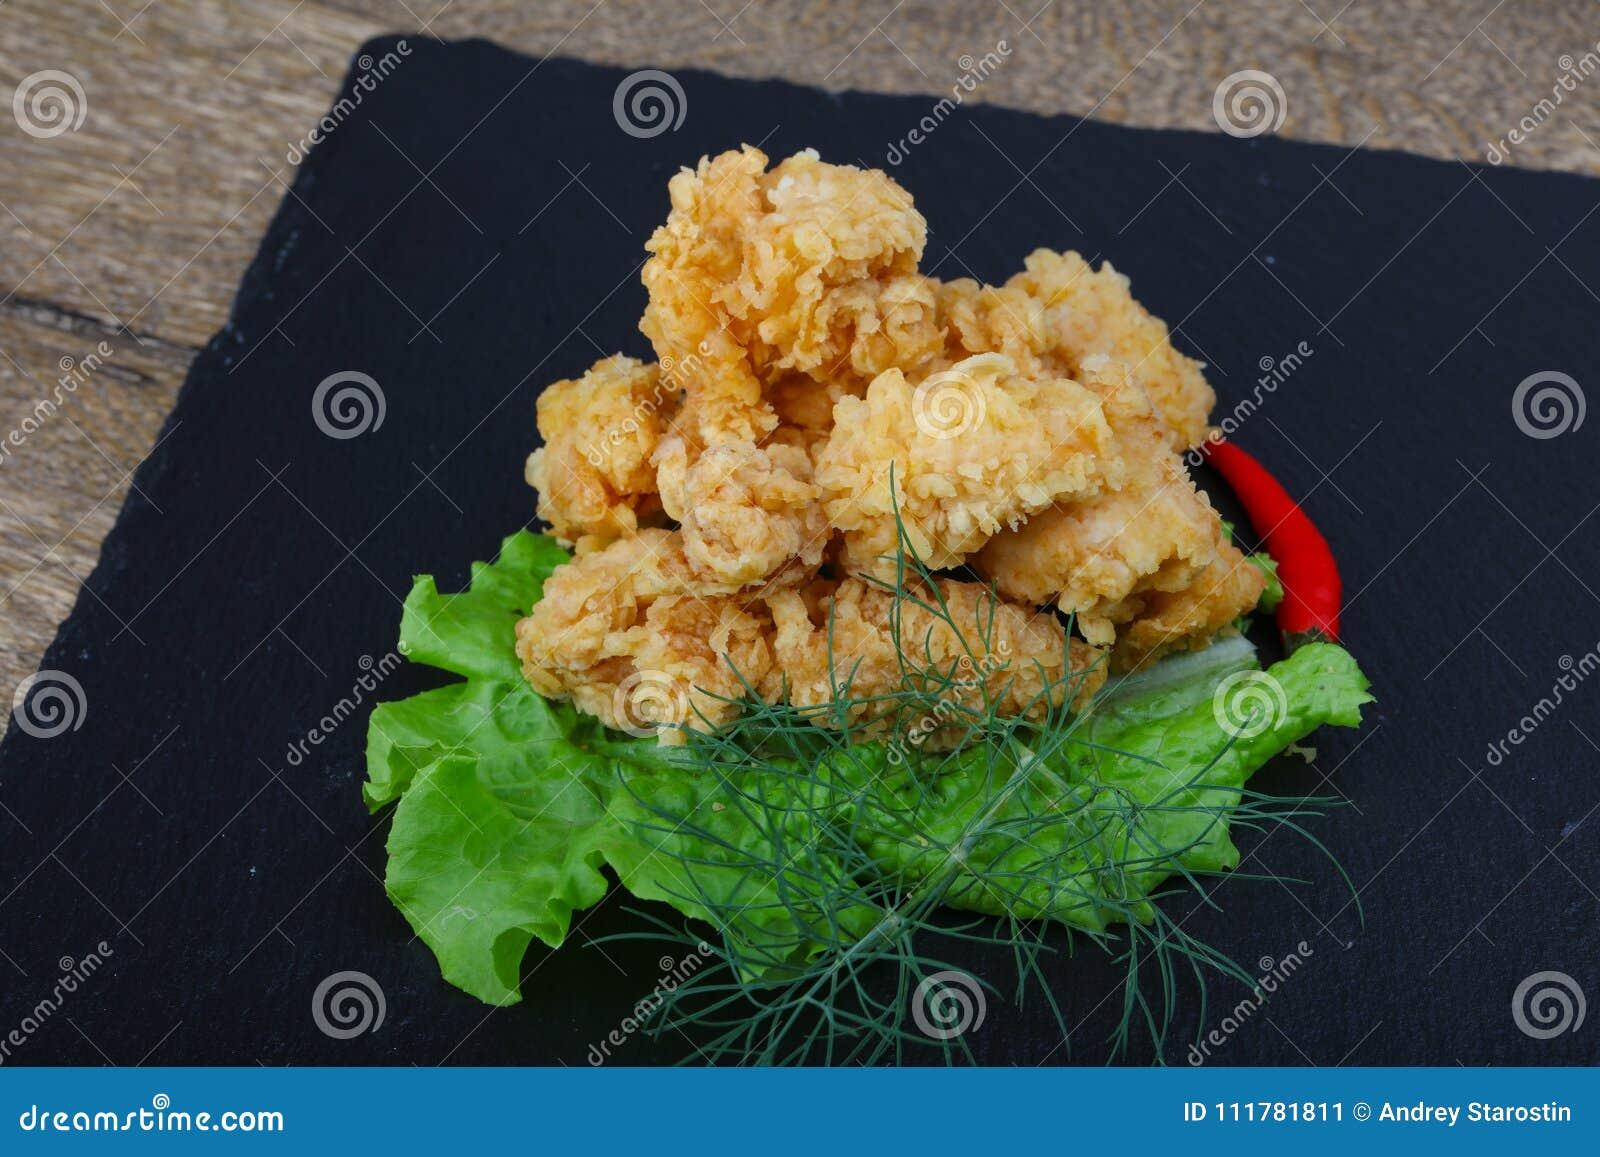 Pépites de poulet croustillantes